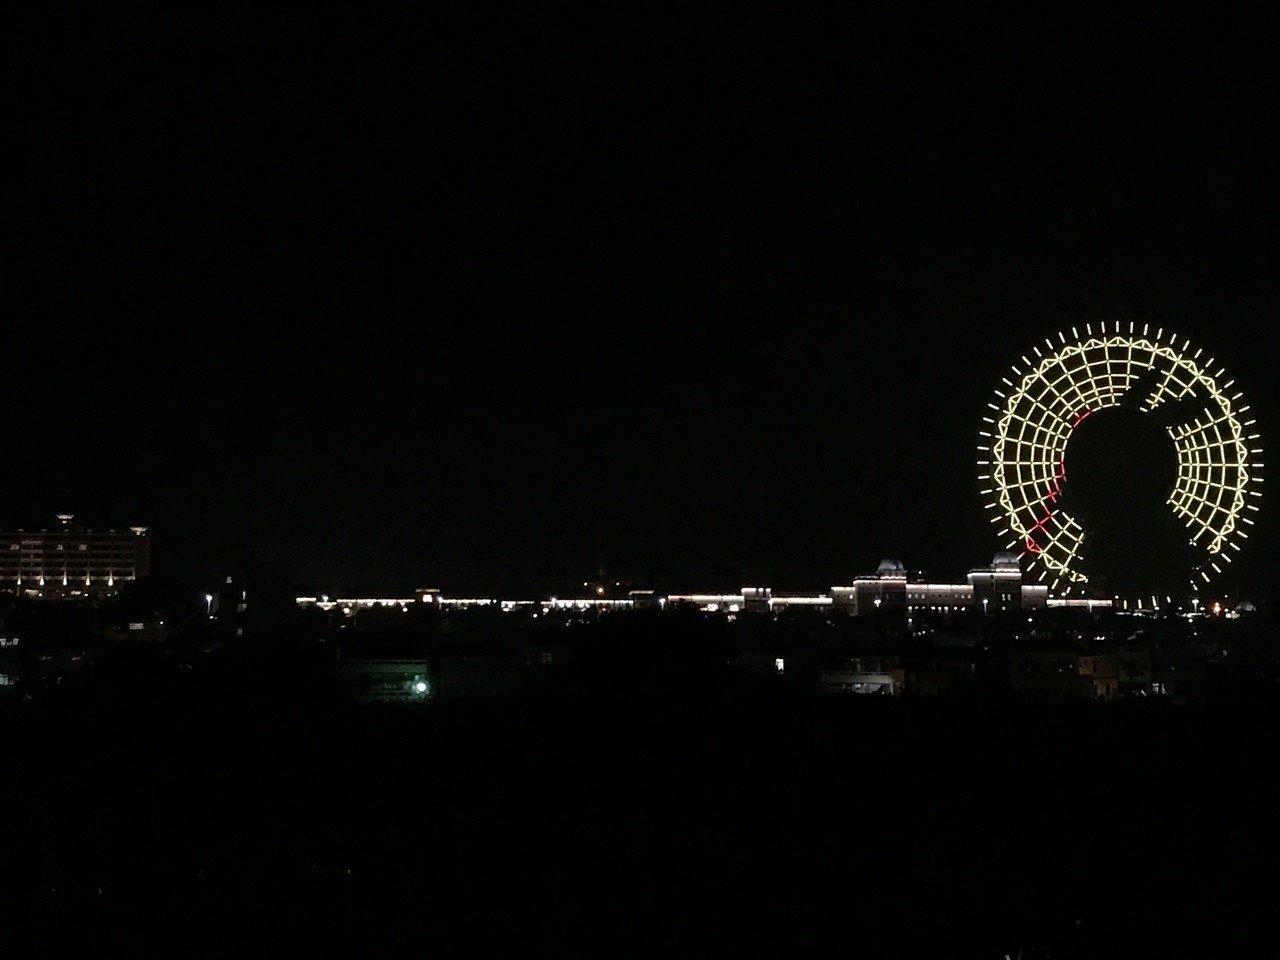 台中麗寶樂園推出活潑逗趣的中秋節摩天輪燈光秀。圖/台中麗寶樂園提供